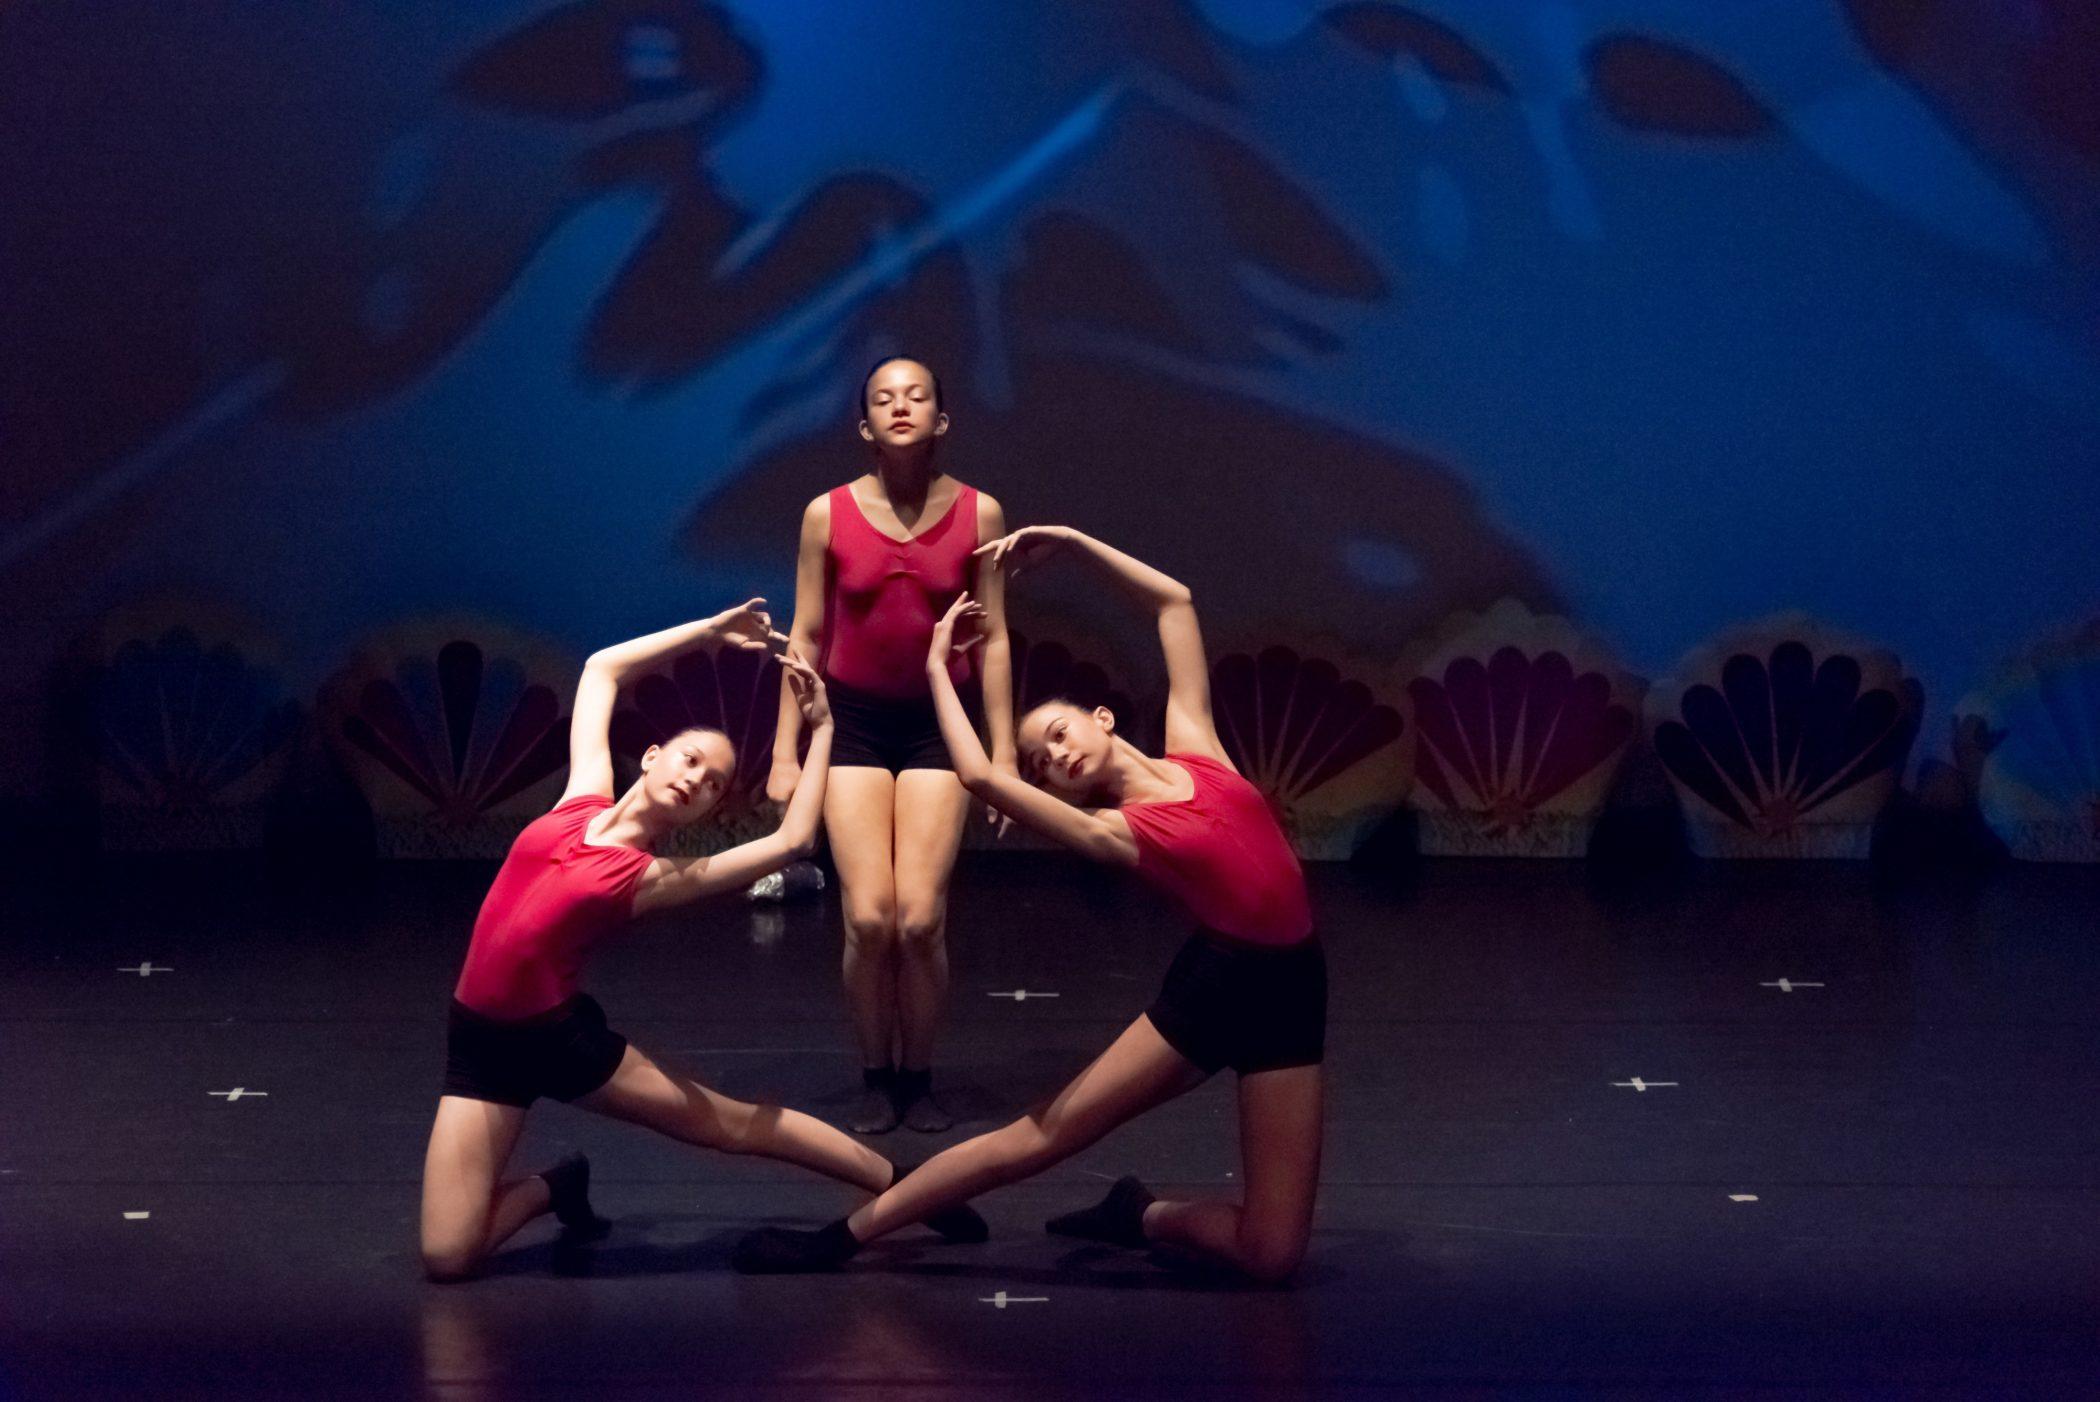 DSC 4245 scaled - Saggio di danza